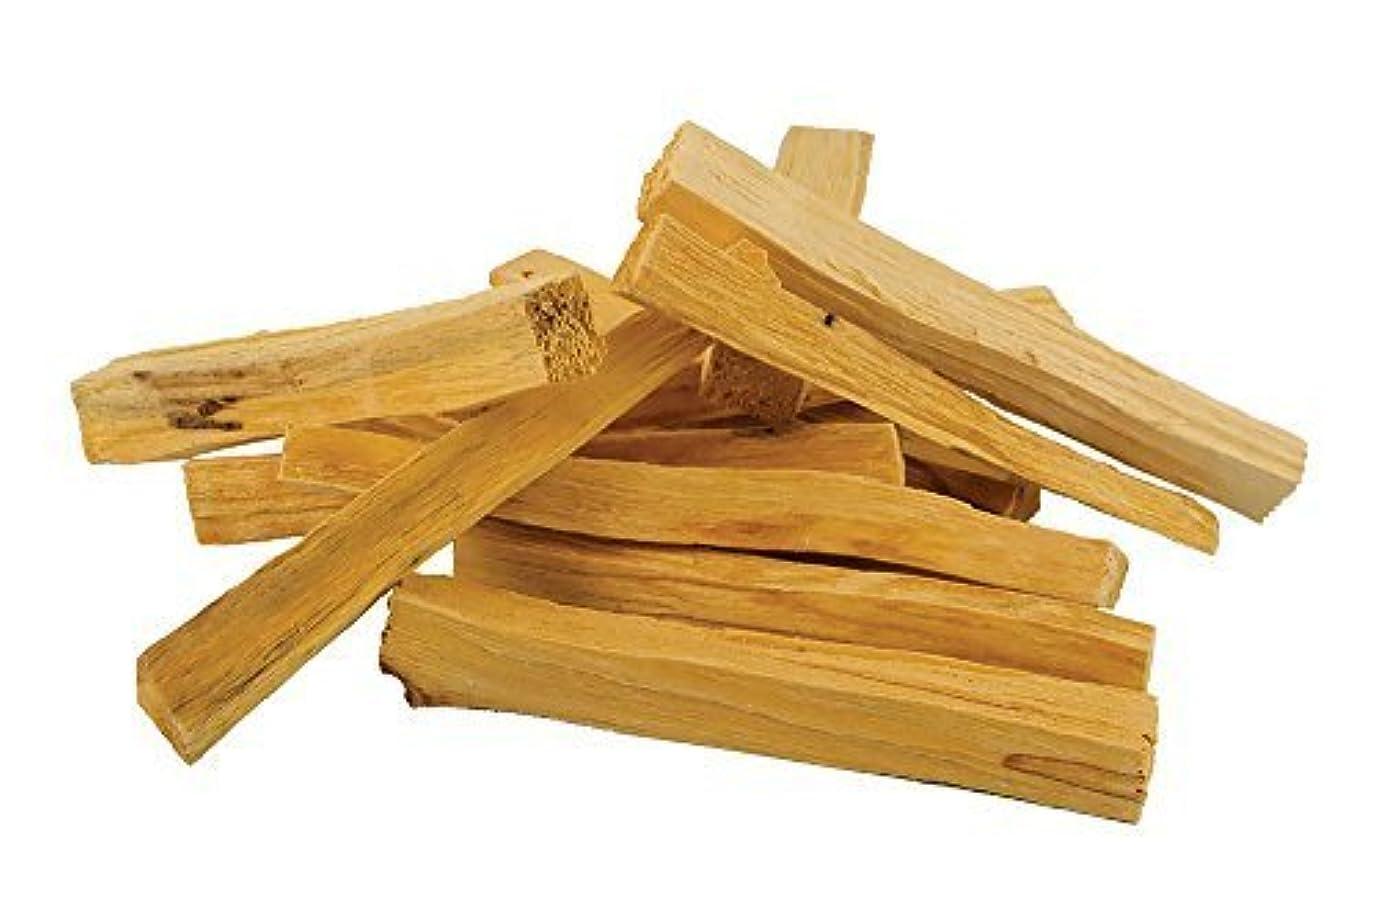 みぞれペルメル見かけ上Palo SantoペルーHoly Wood Sticks – 1ポンドバッグ